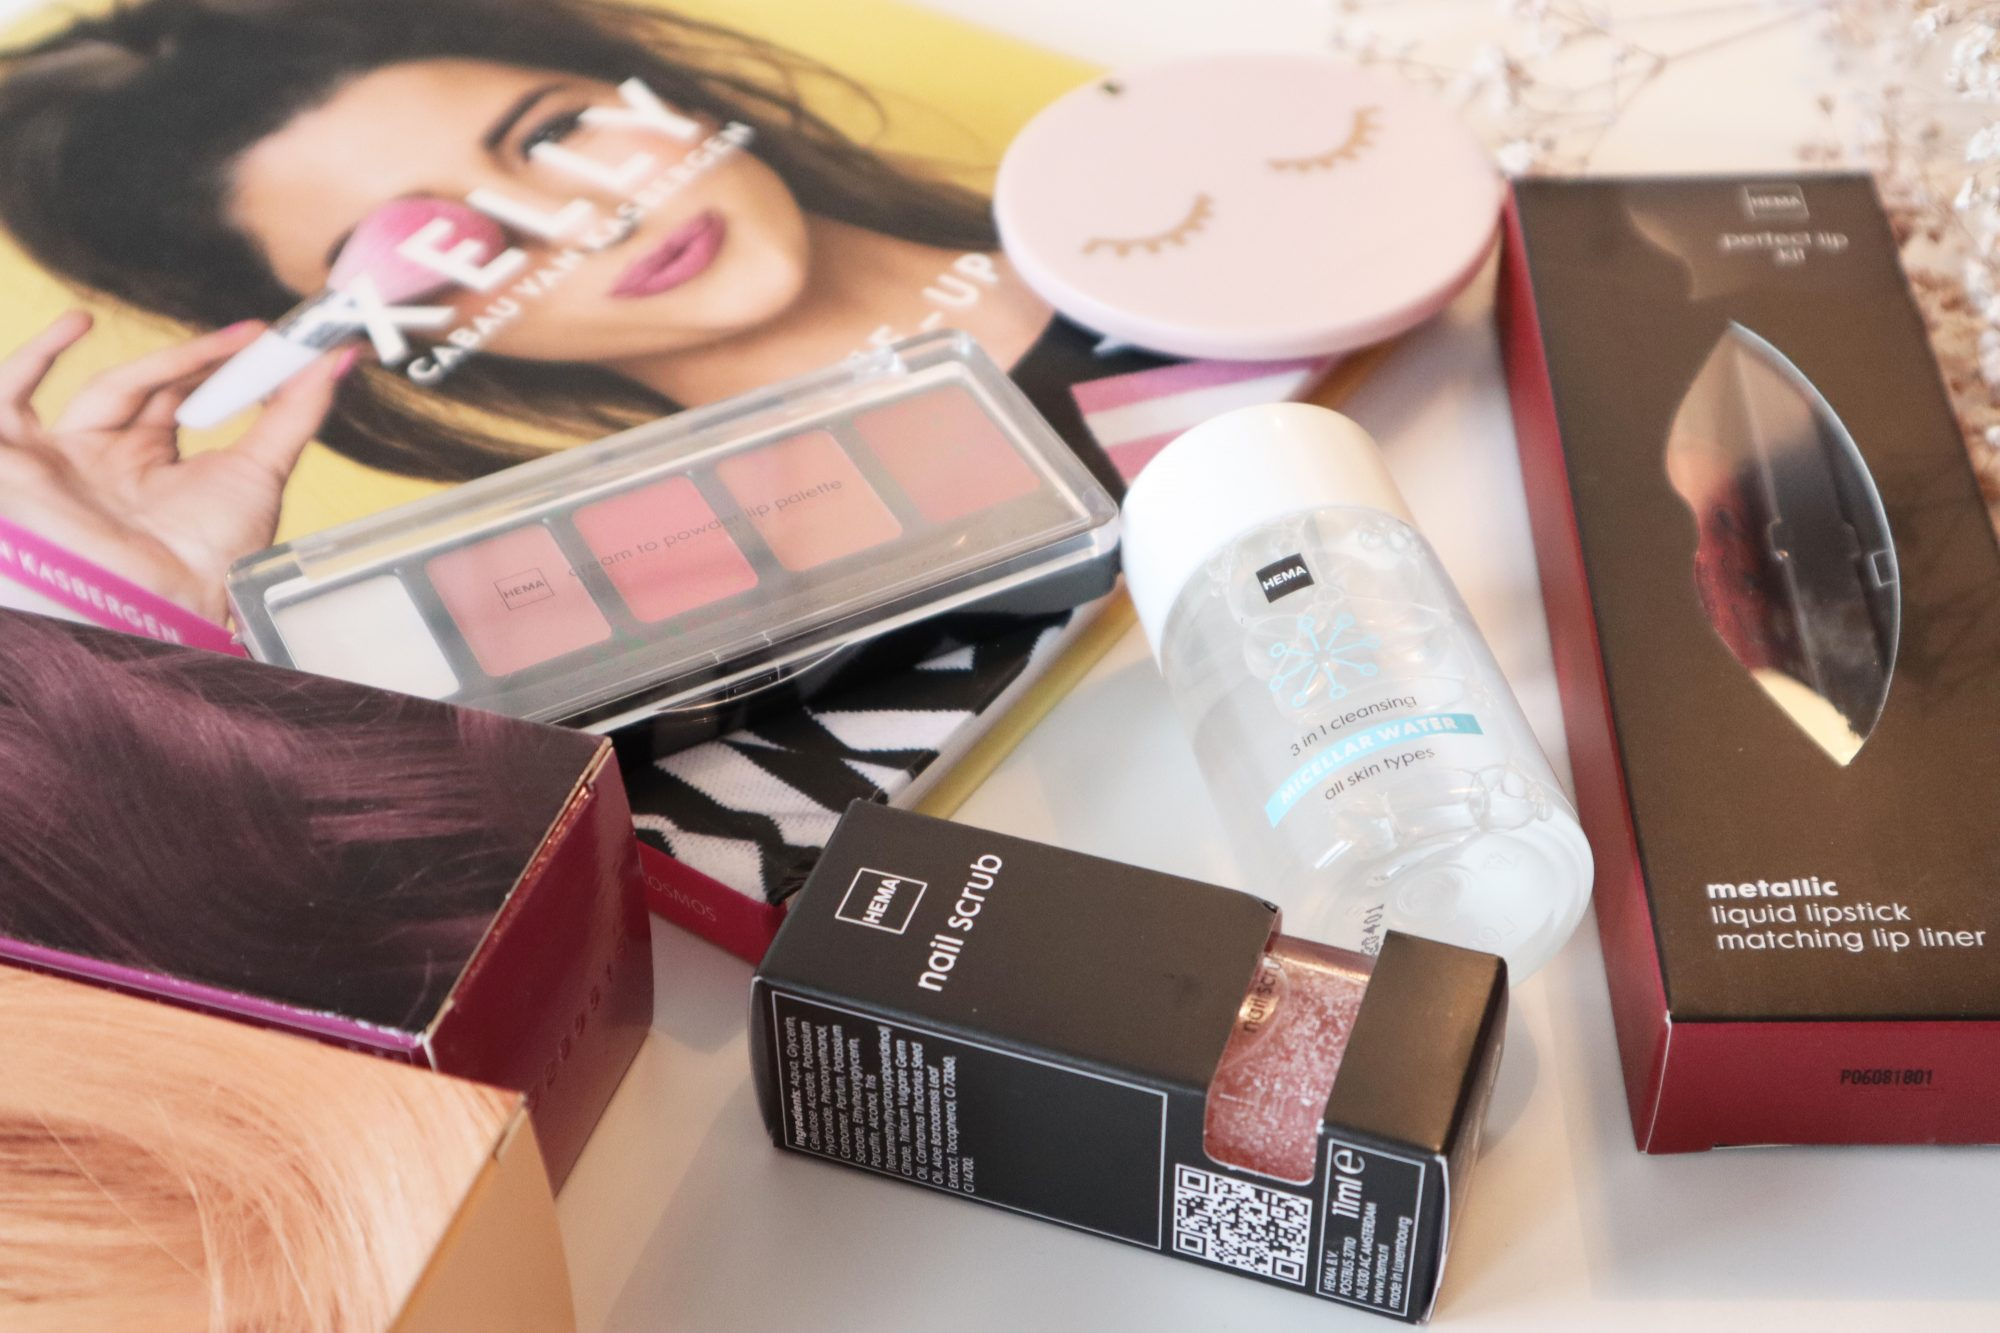 Hema beauty essentials